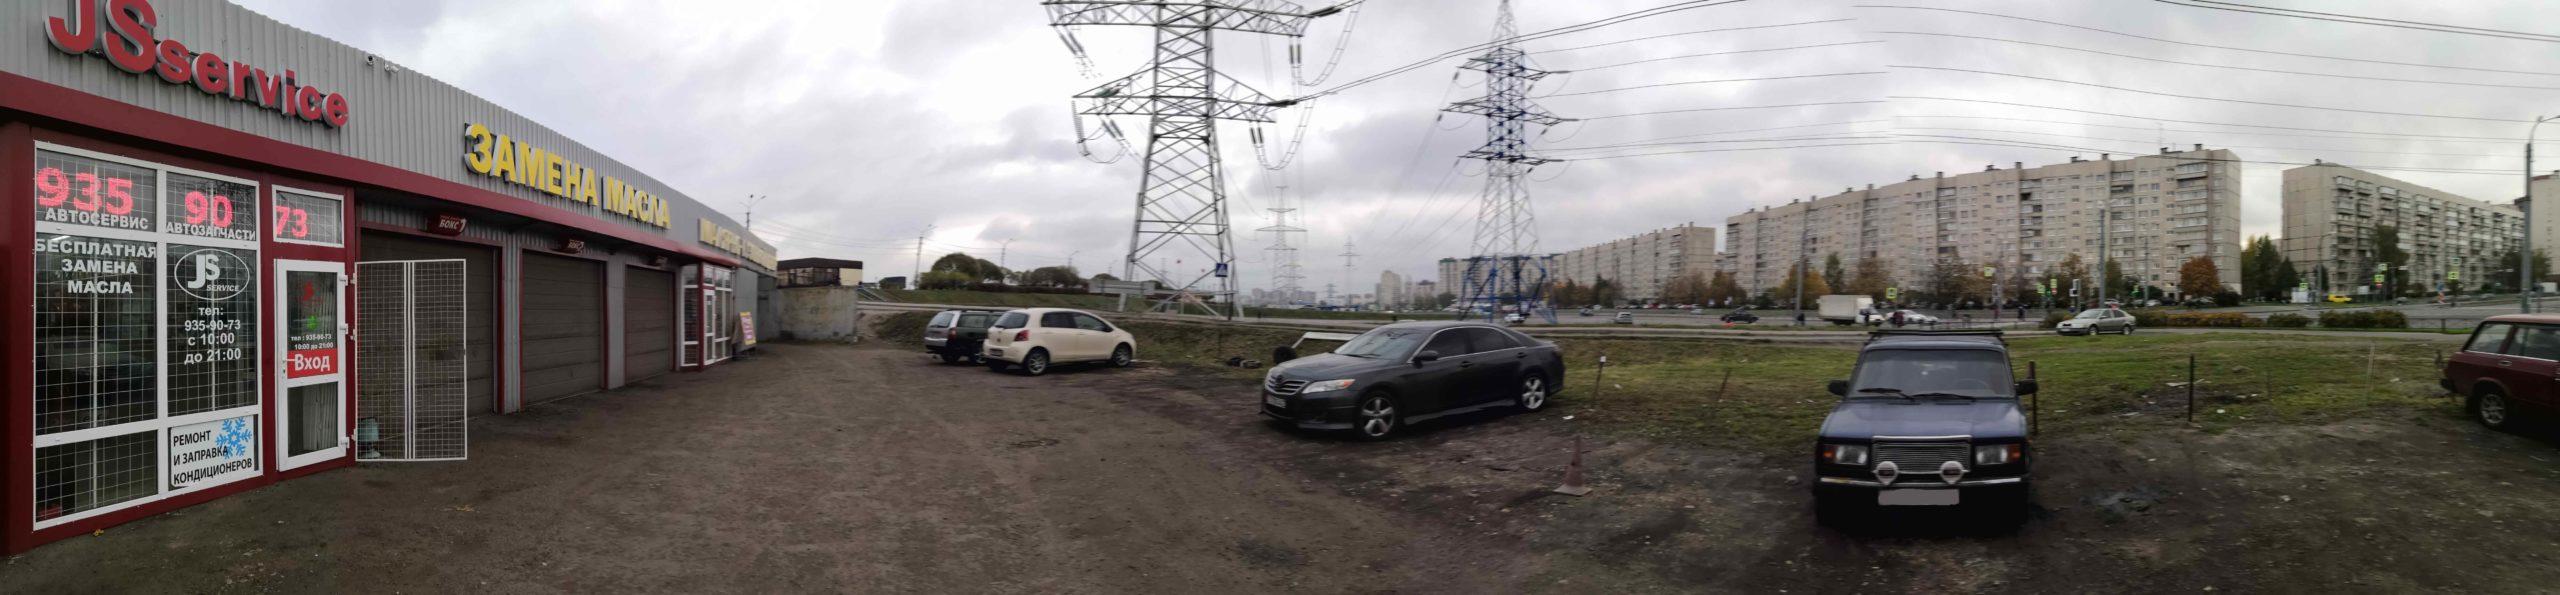 Автосервис на Юго-Западе Юнона красносельский район JS-Service